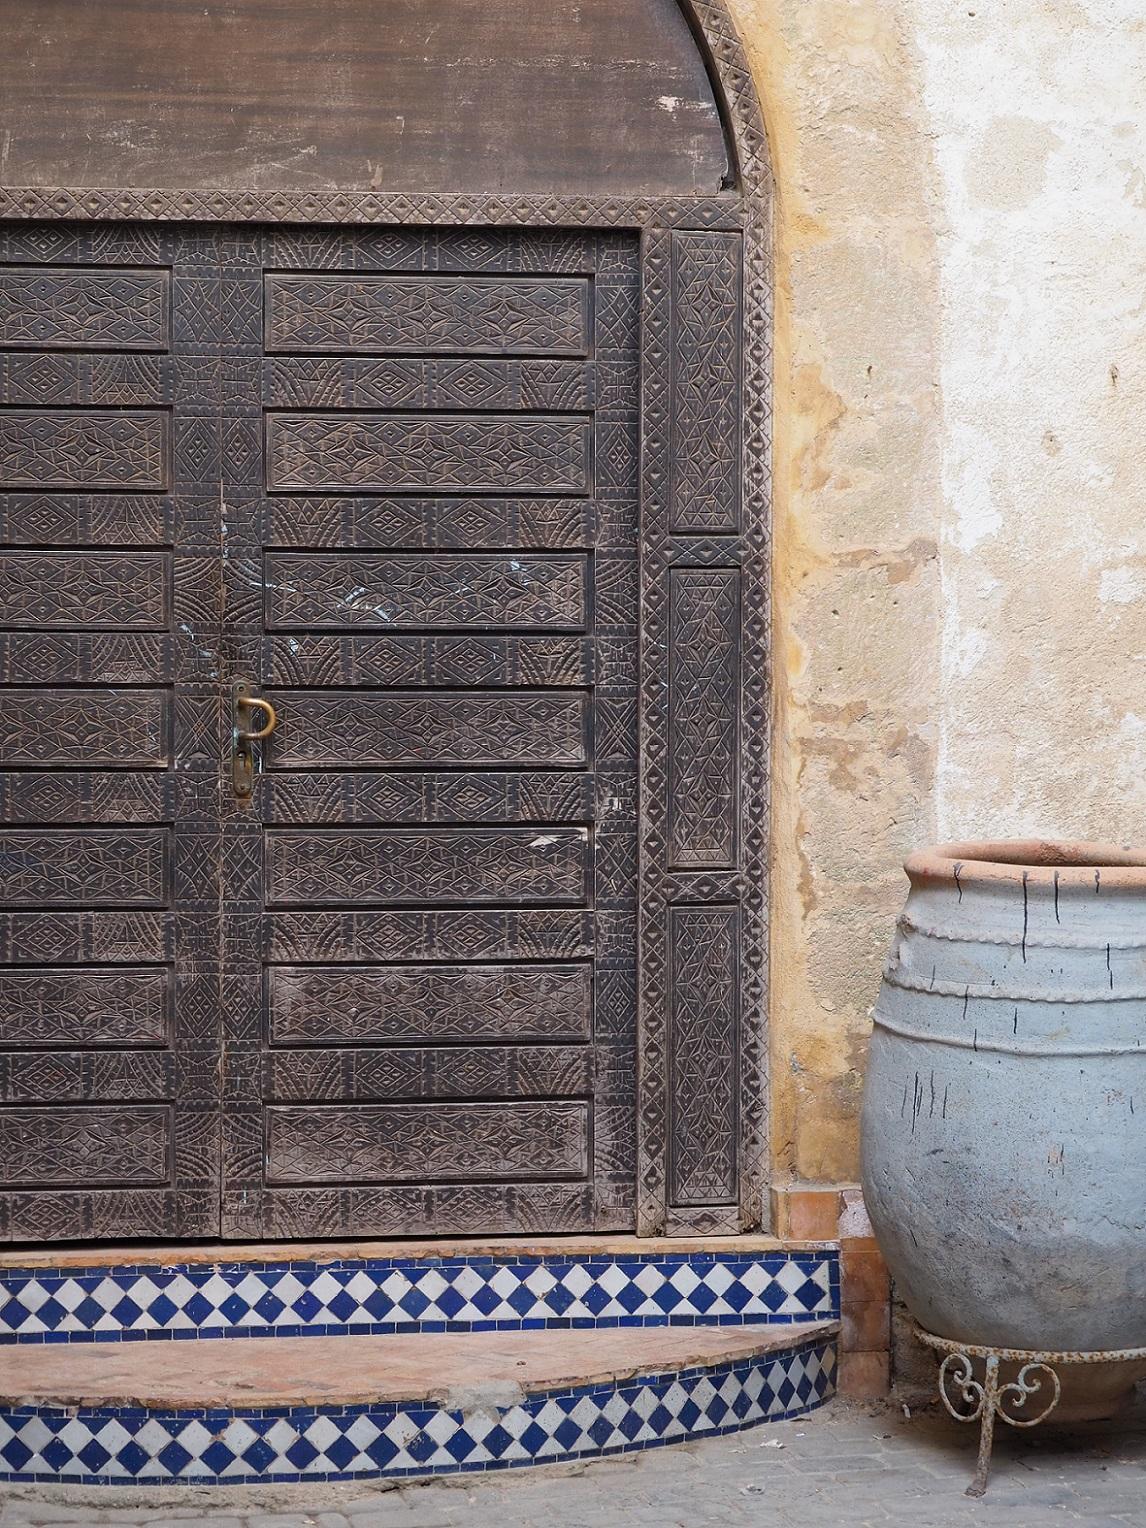 Dans les rues d'Essaouira